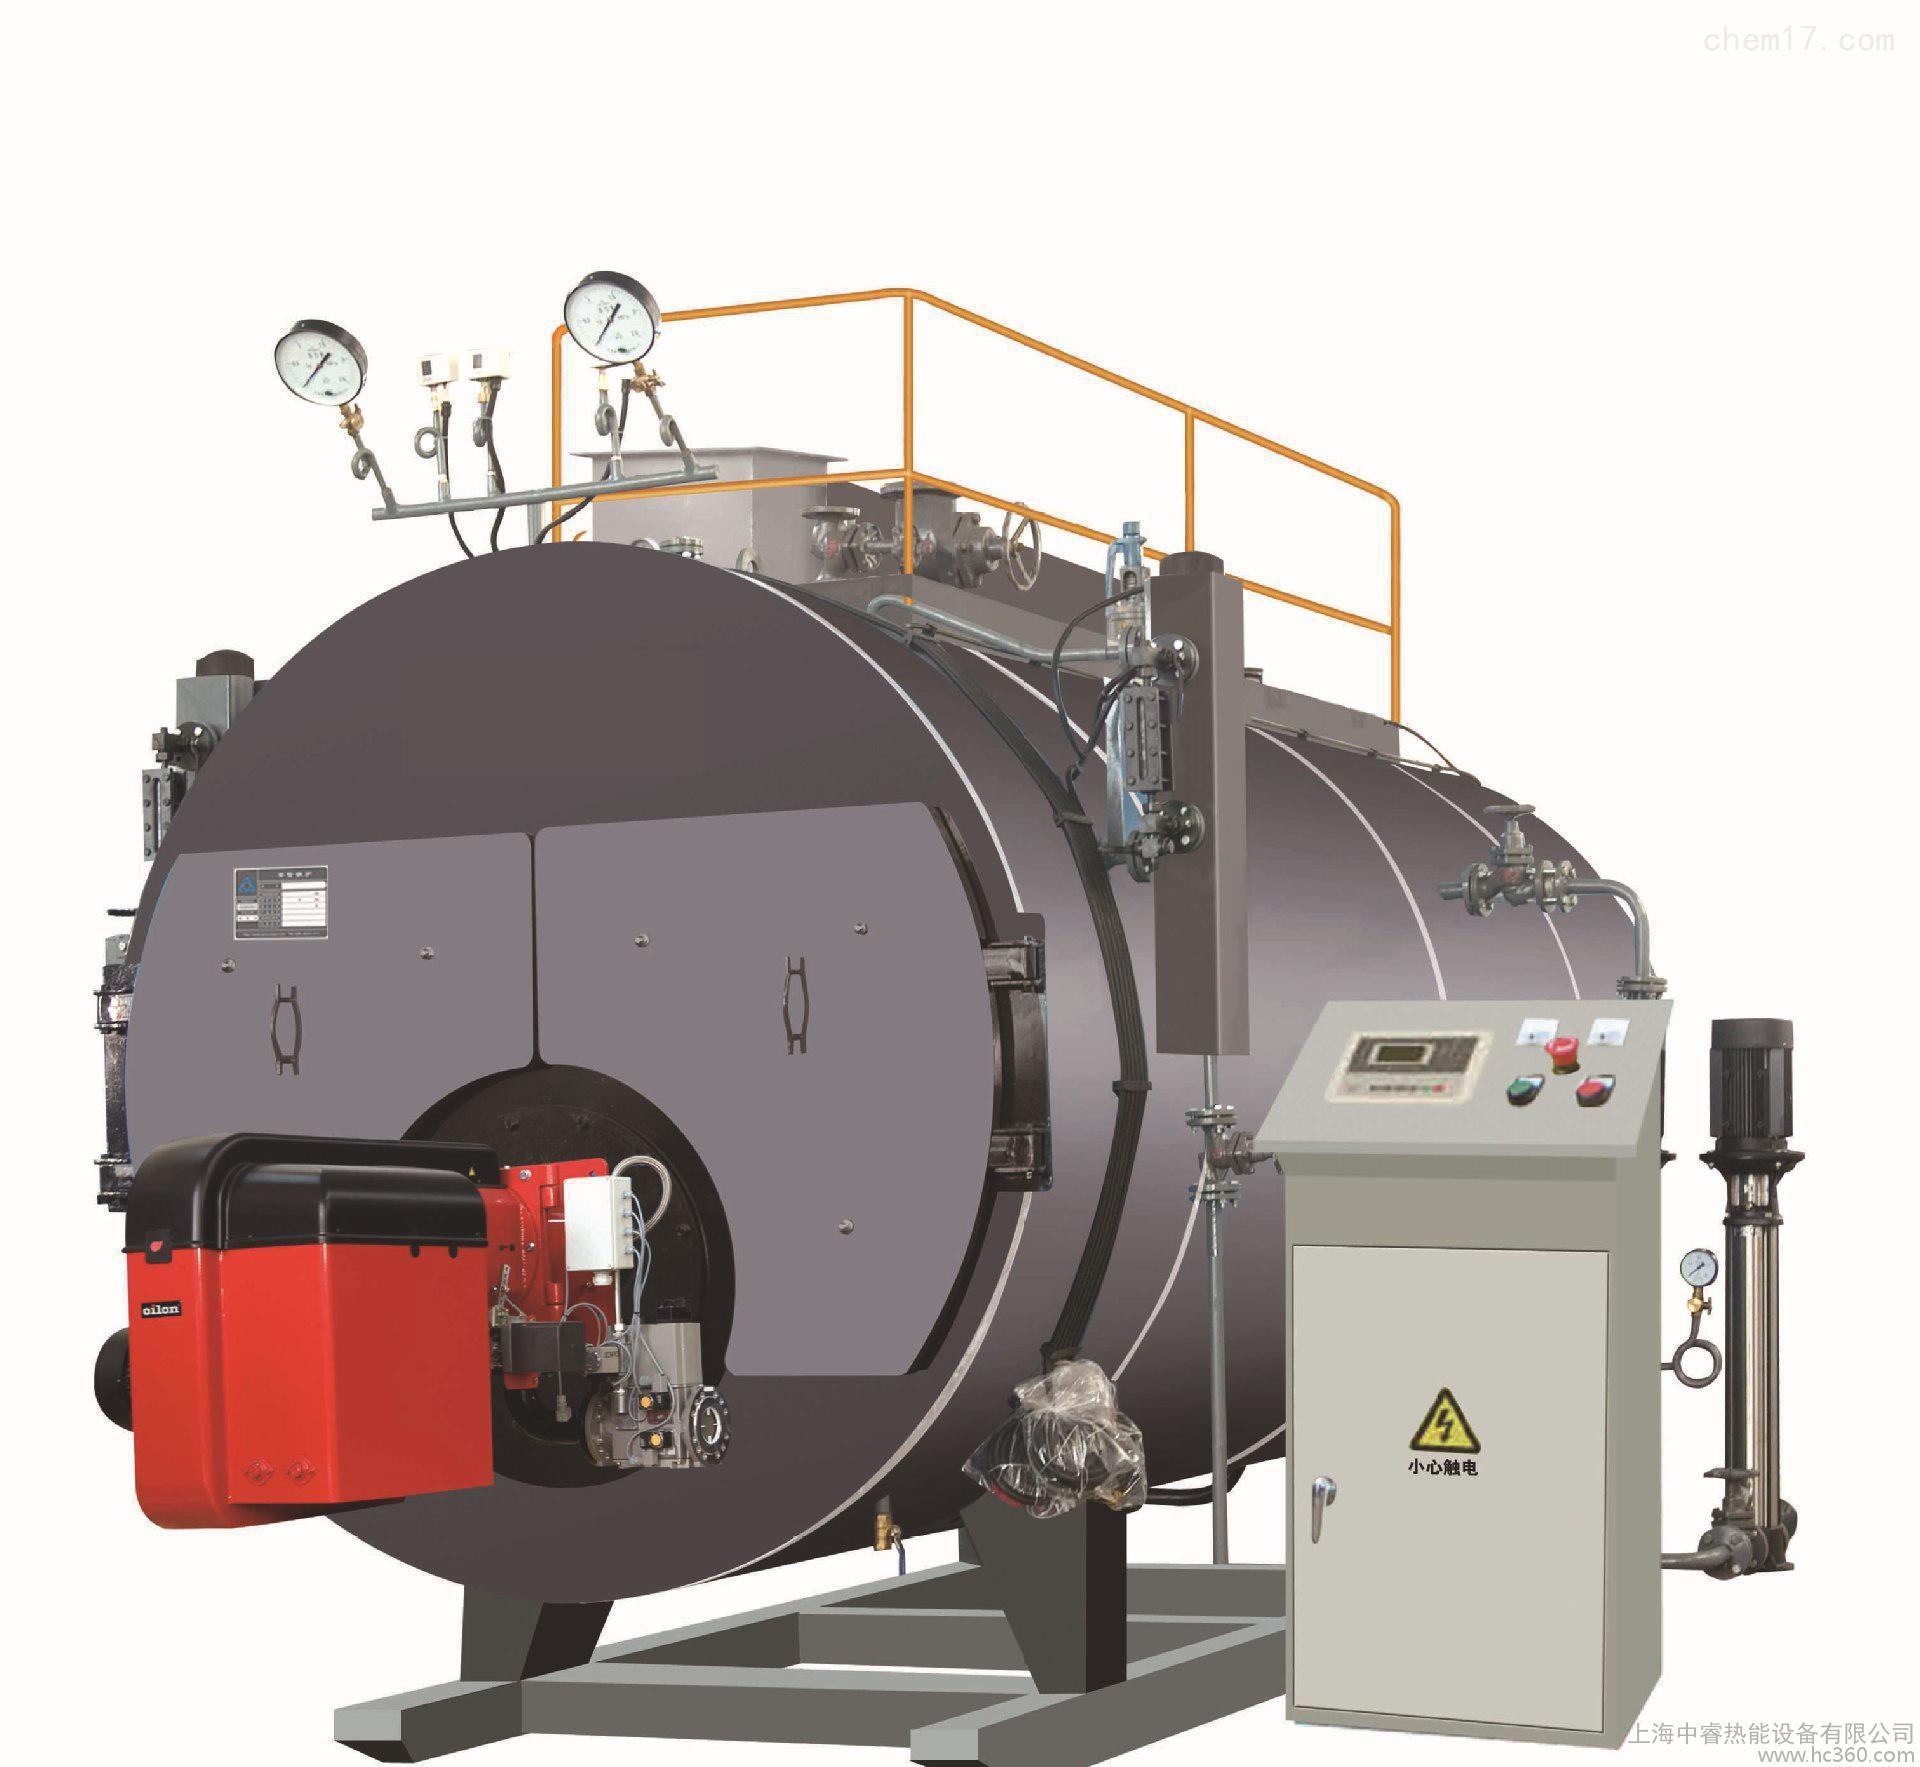 江苏无锡1吨高效环保锅炉1吨蒸汽锅炉1吨燃气锅炉1吨低氮锅炉